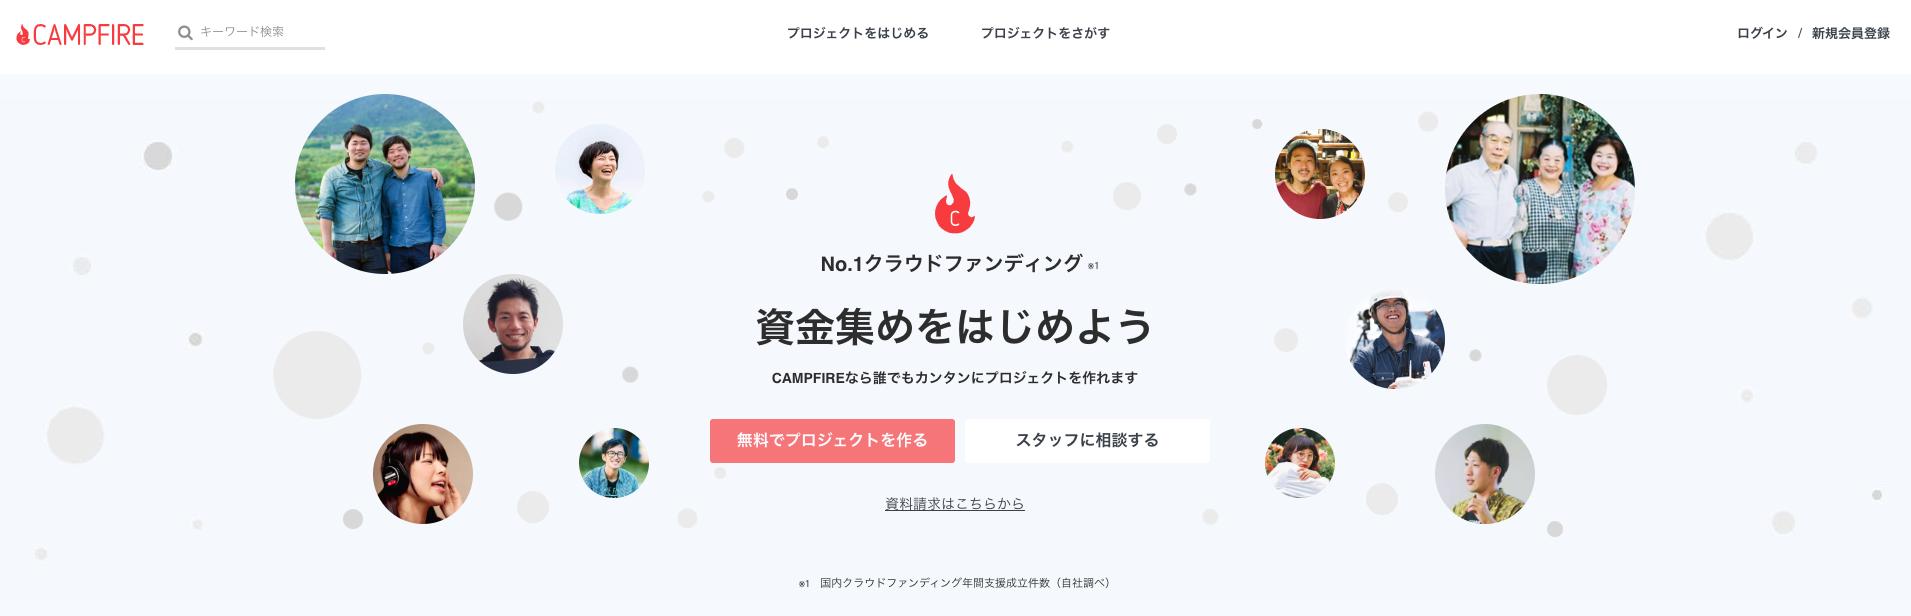 campfireクラウドファンディング